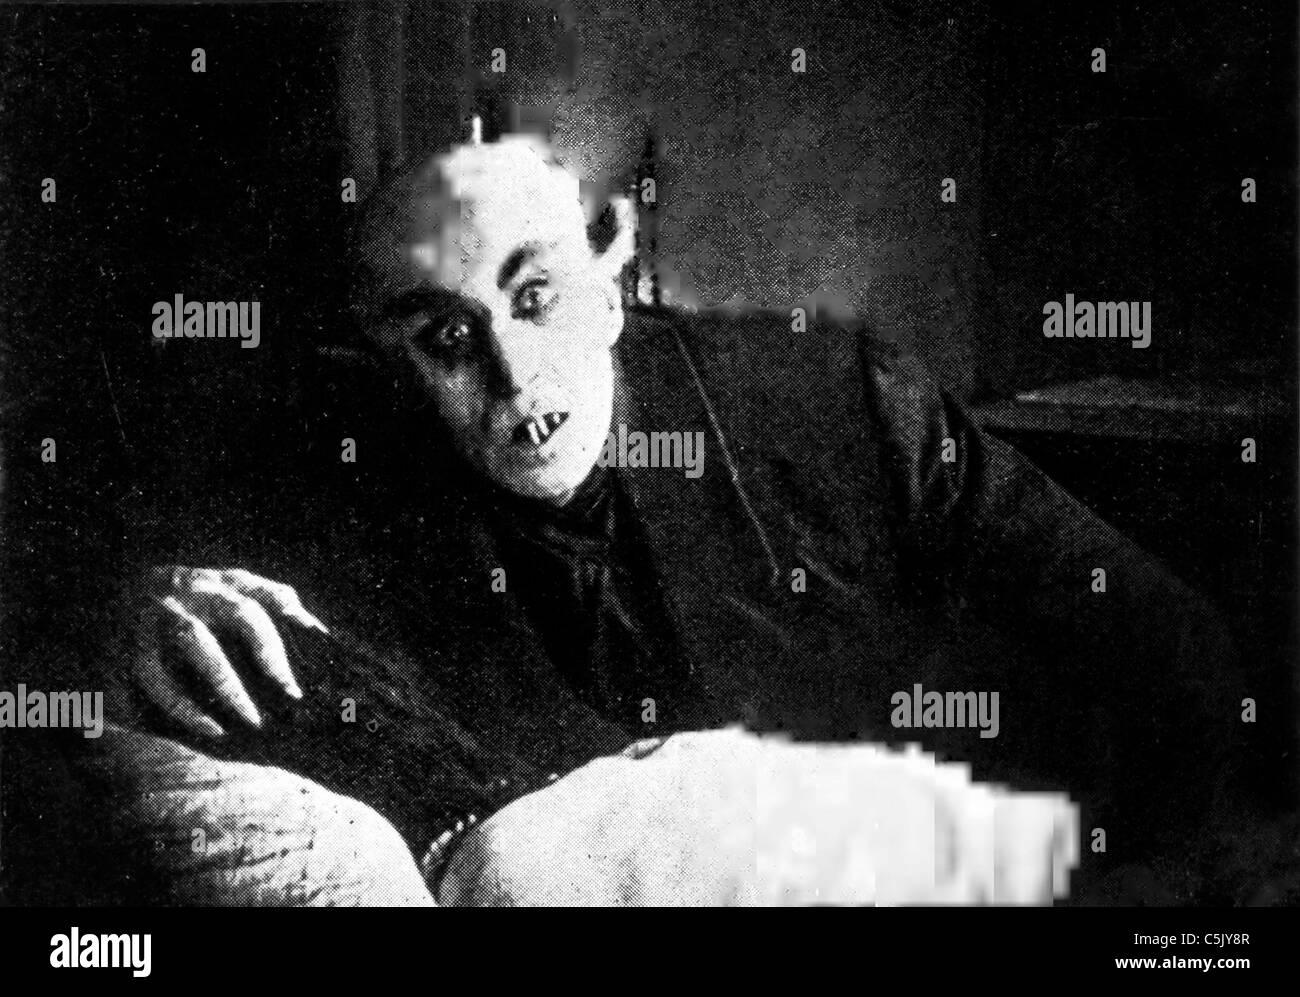 nosferatu, 1921 - Stock Image